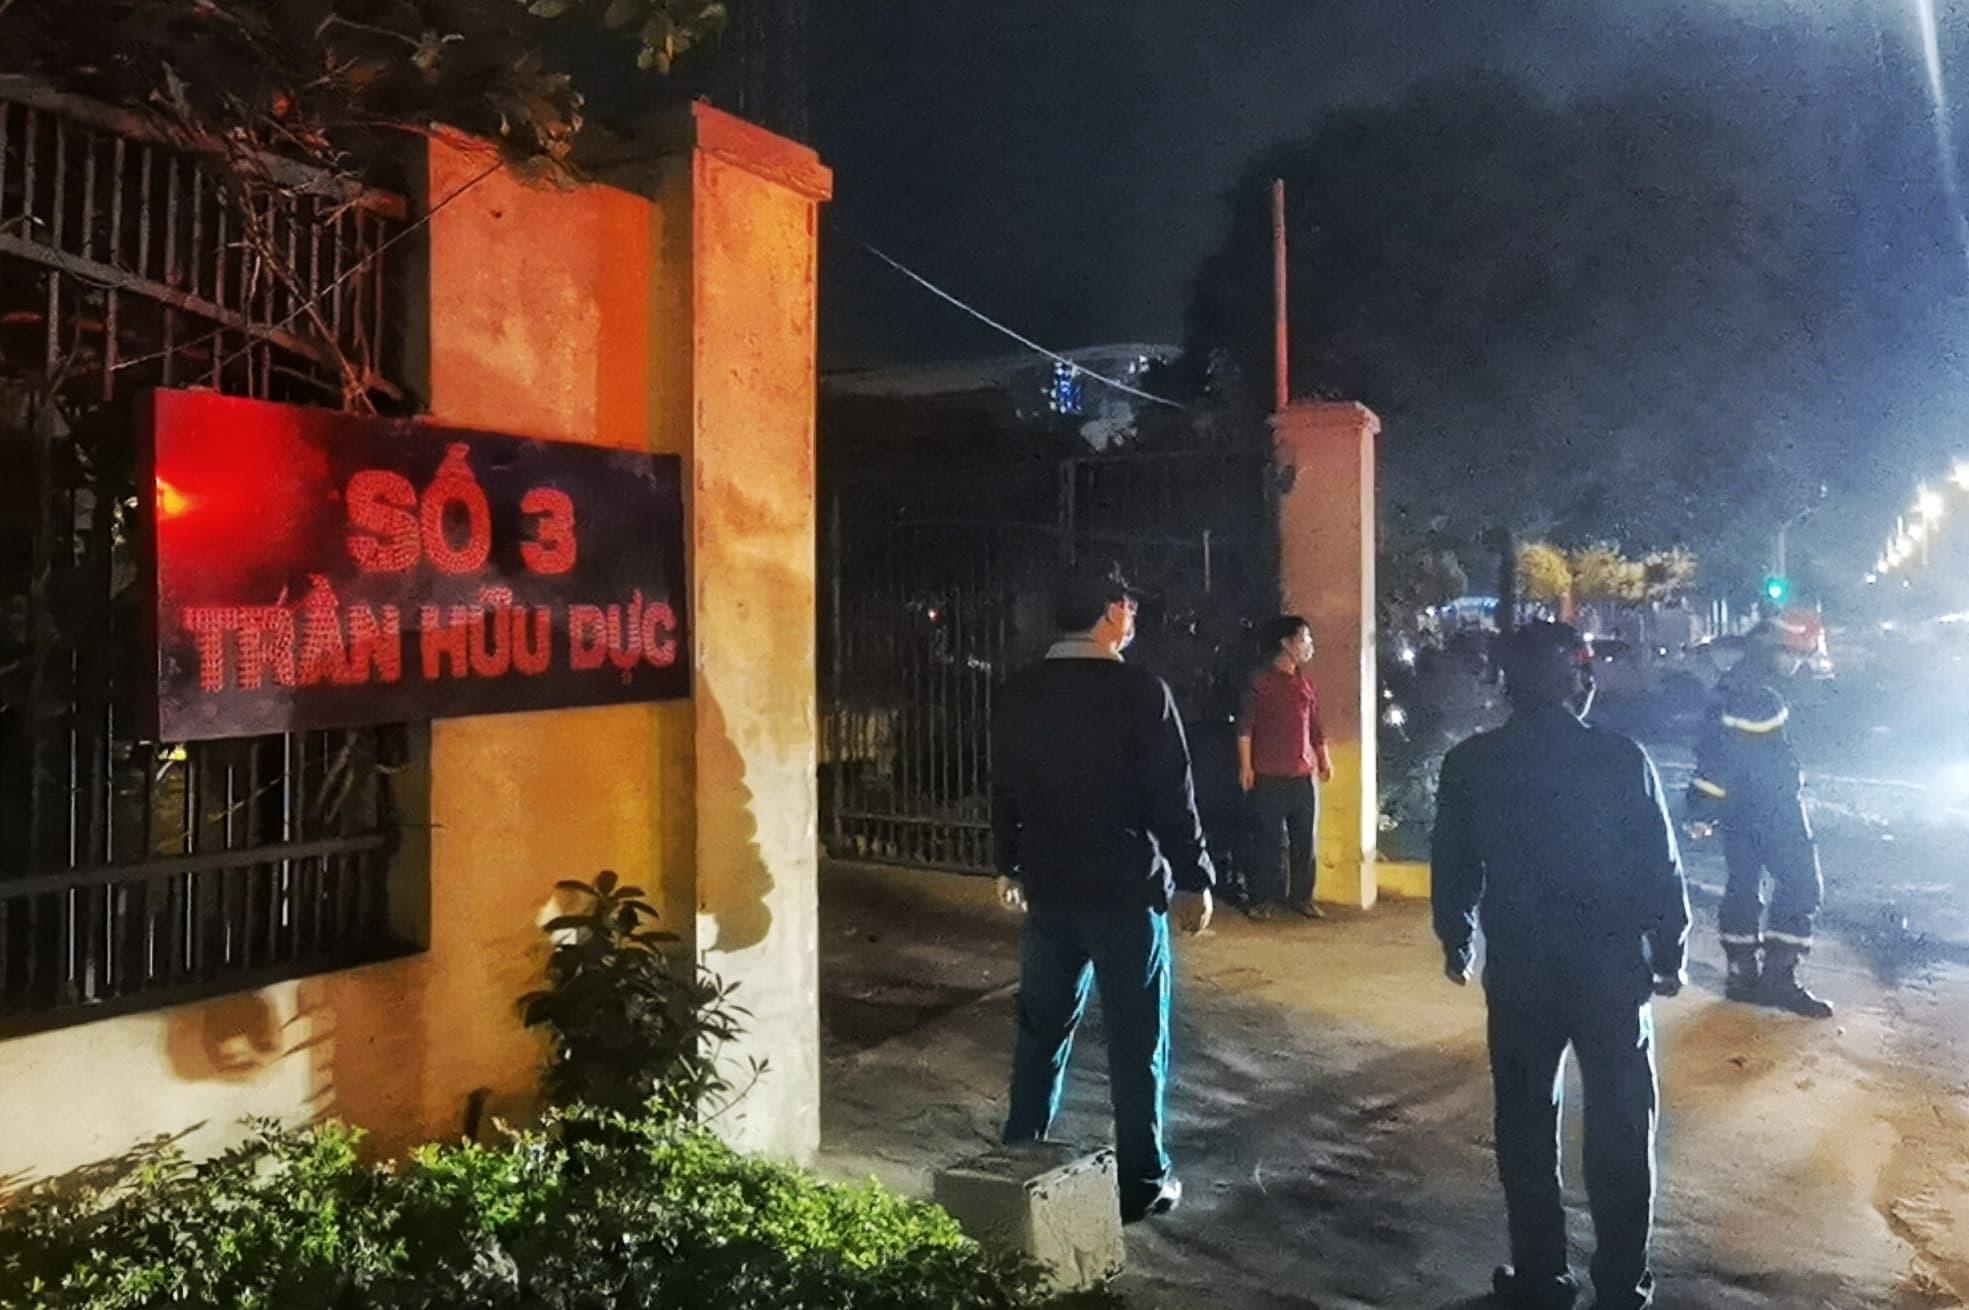 Trung tâm đào tạo vận động viên cao cấp bốc cháy dữ dội tối 30 Tết  - Ảnh 2